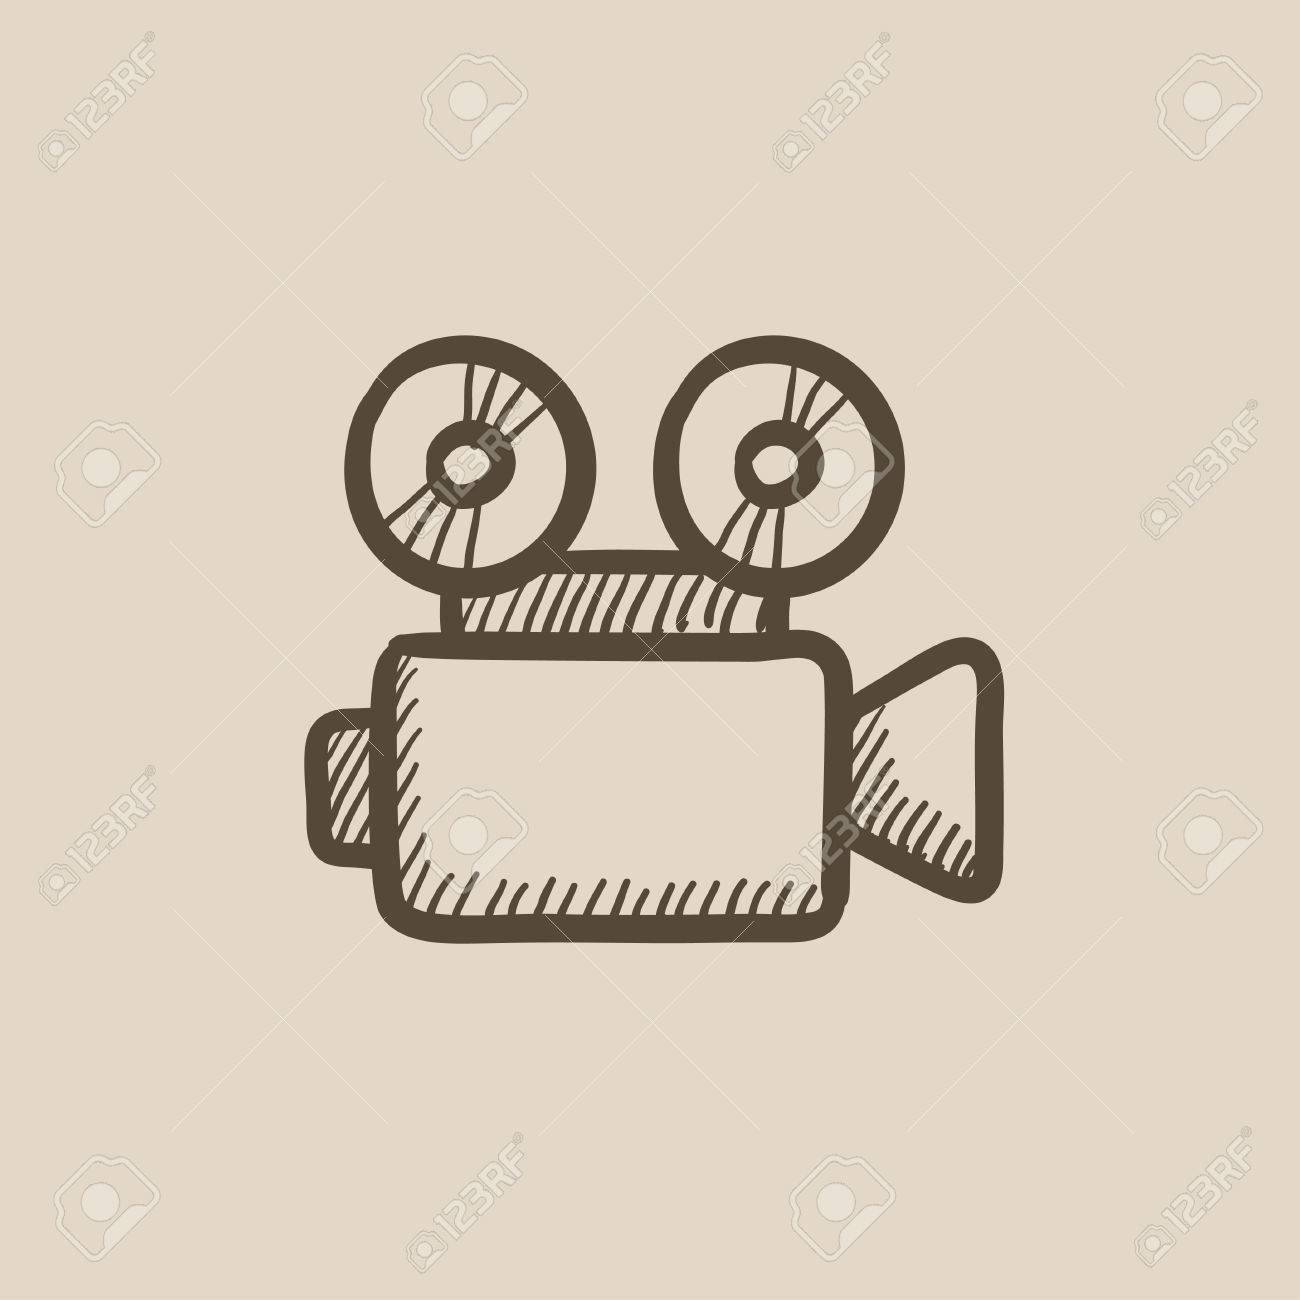 La Cámara De Vídeo Dibujo Icono Del Vector Aislado En El Fondo Dibujado A Mano Icono De La Cámara De Vídeo Dibujo Icono De La Cámara De Vídeo Para